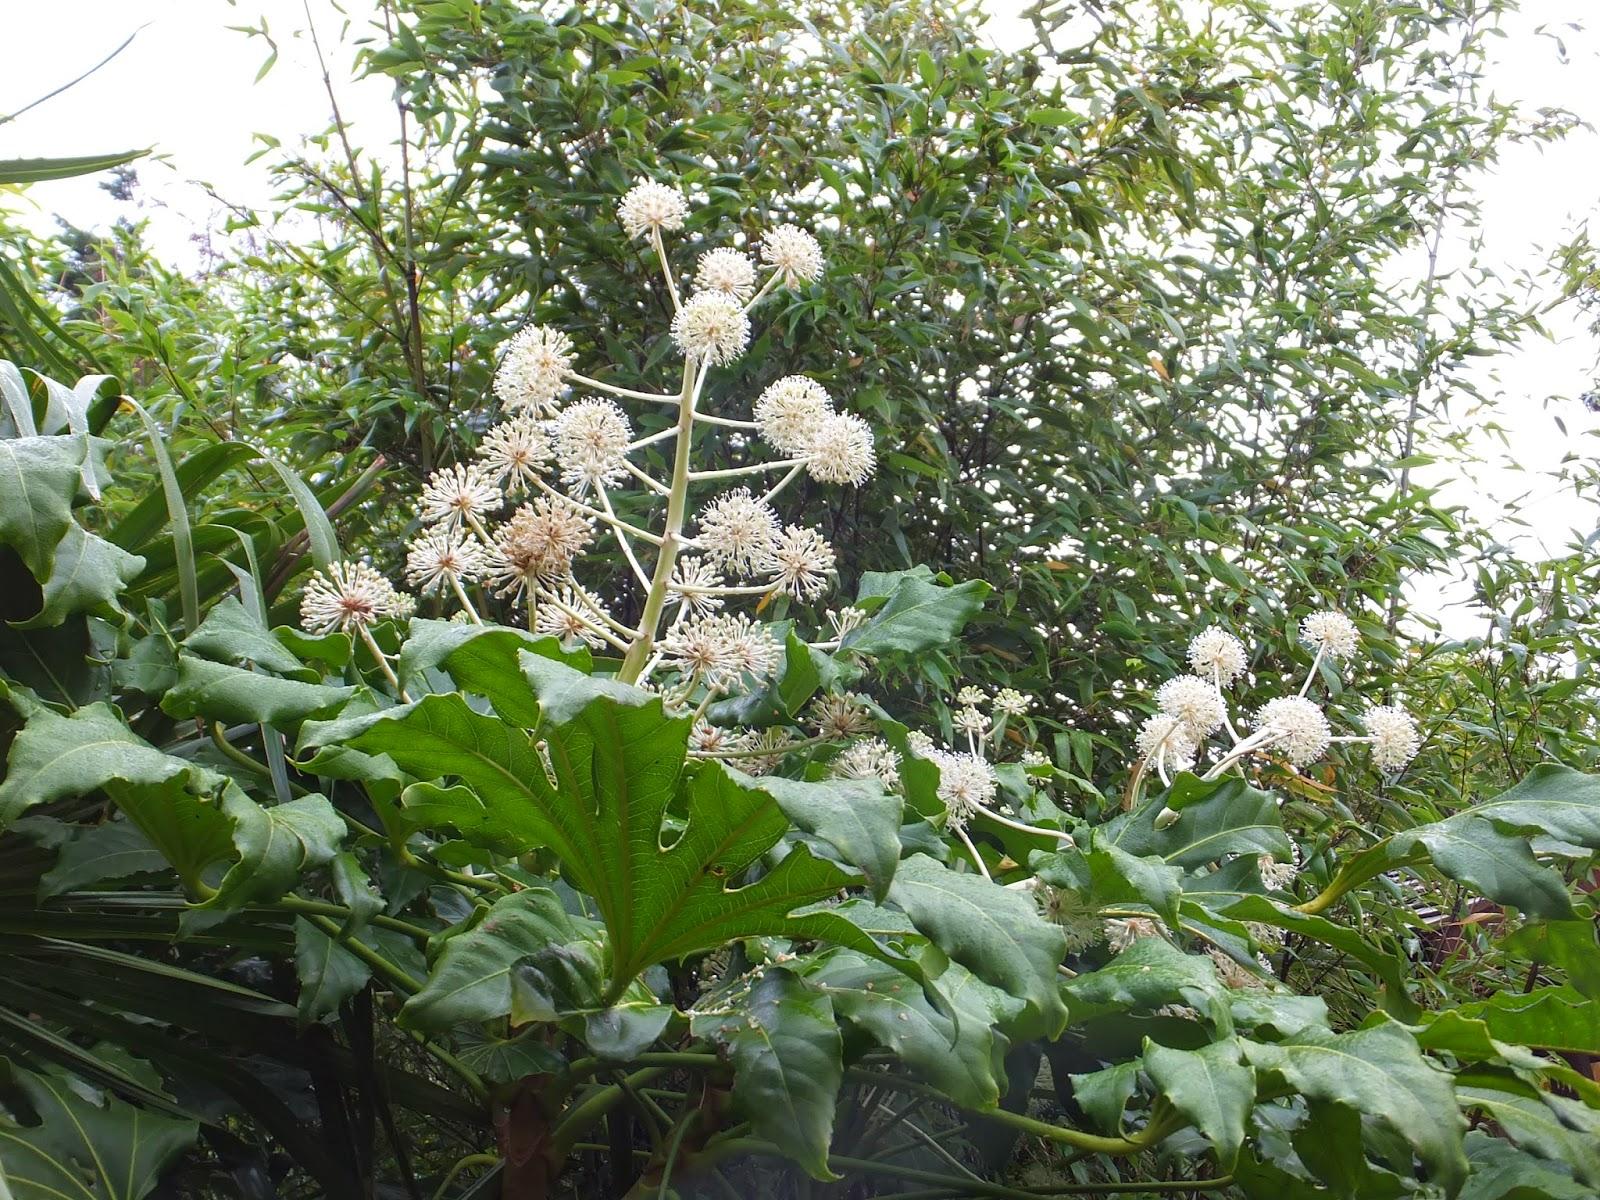 Fatsia japonica in flower